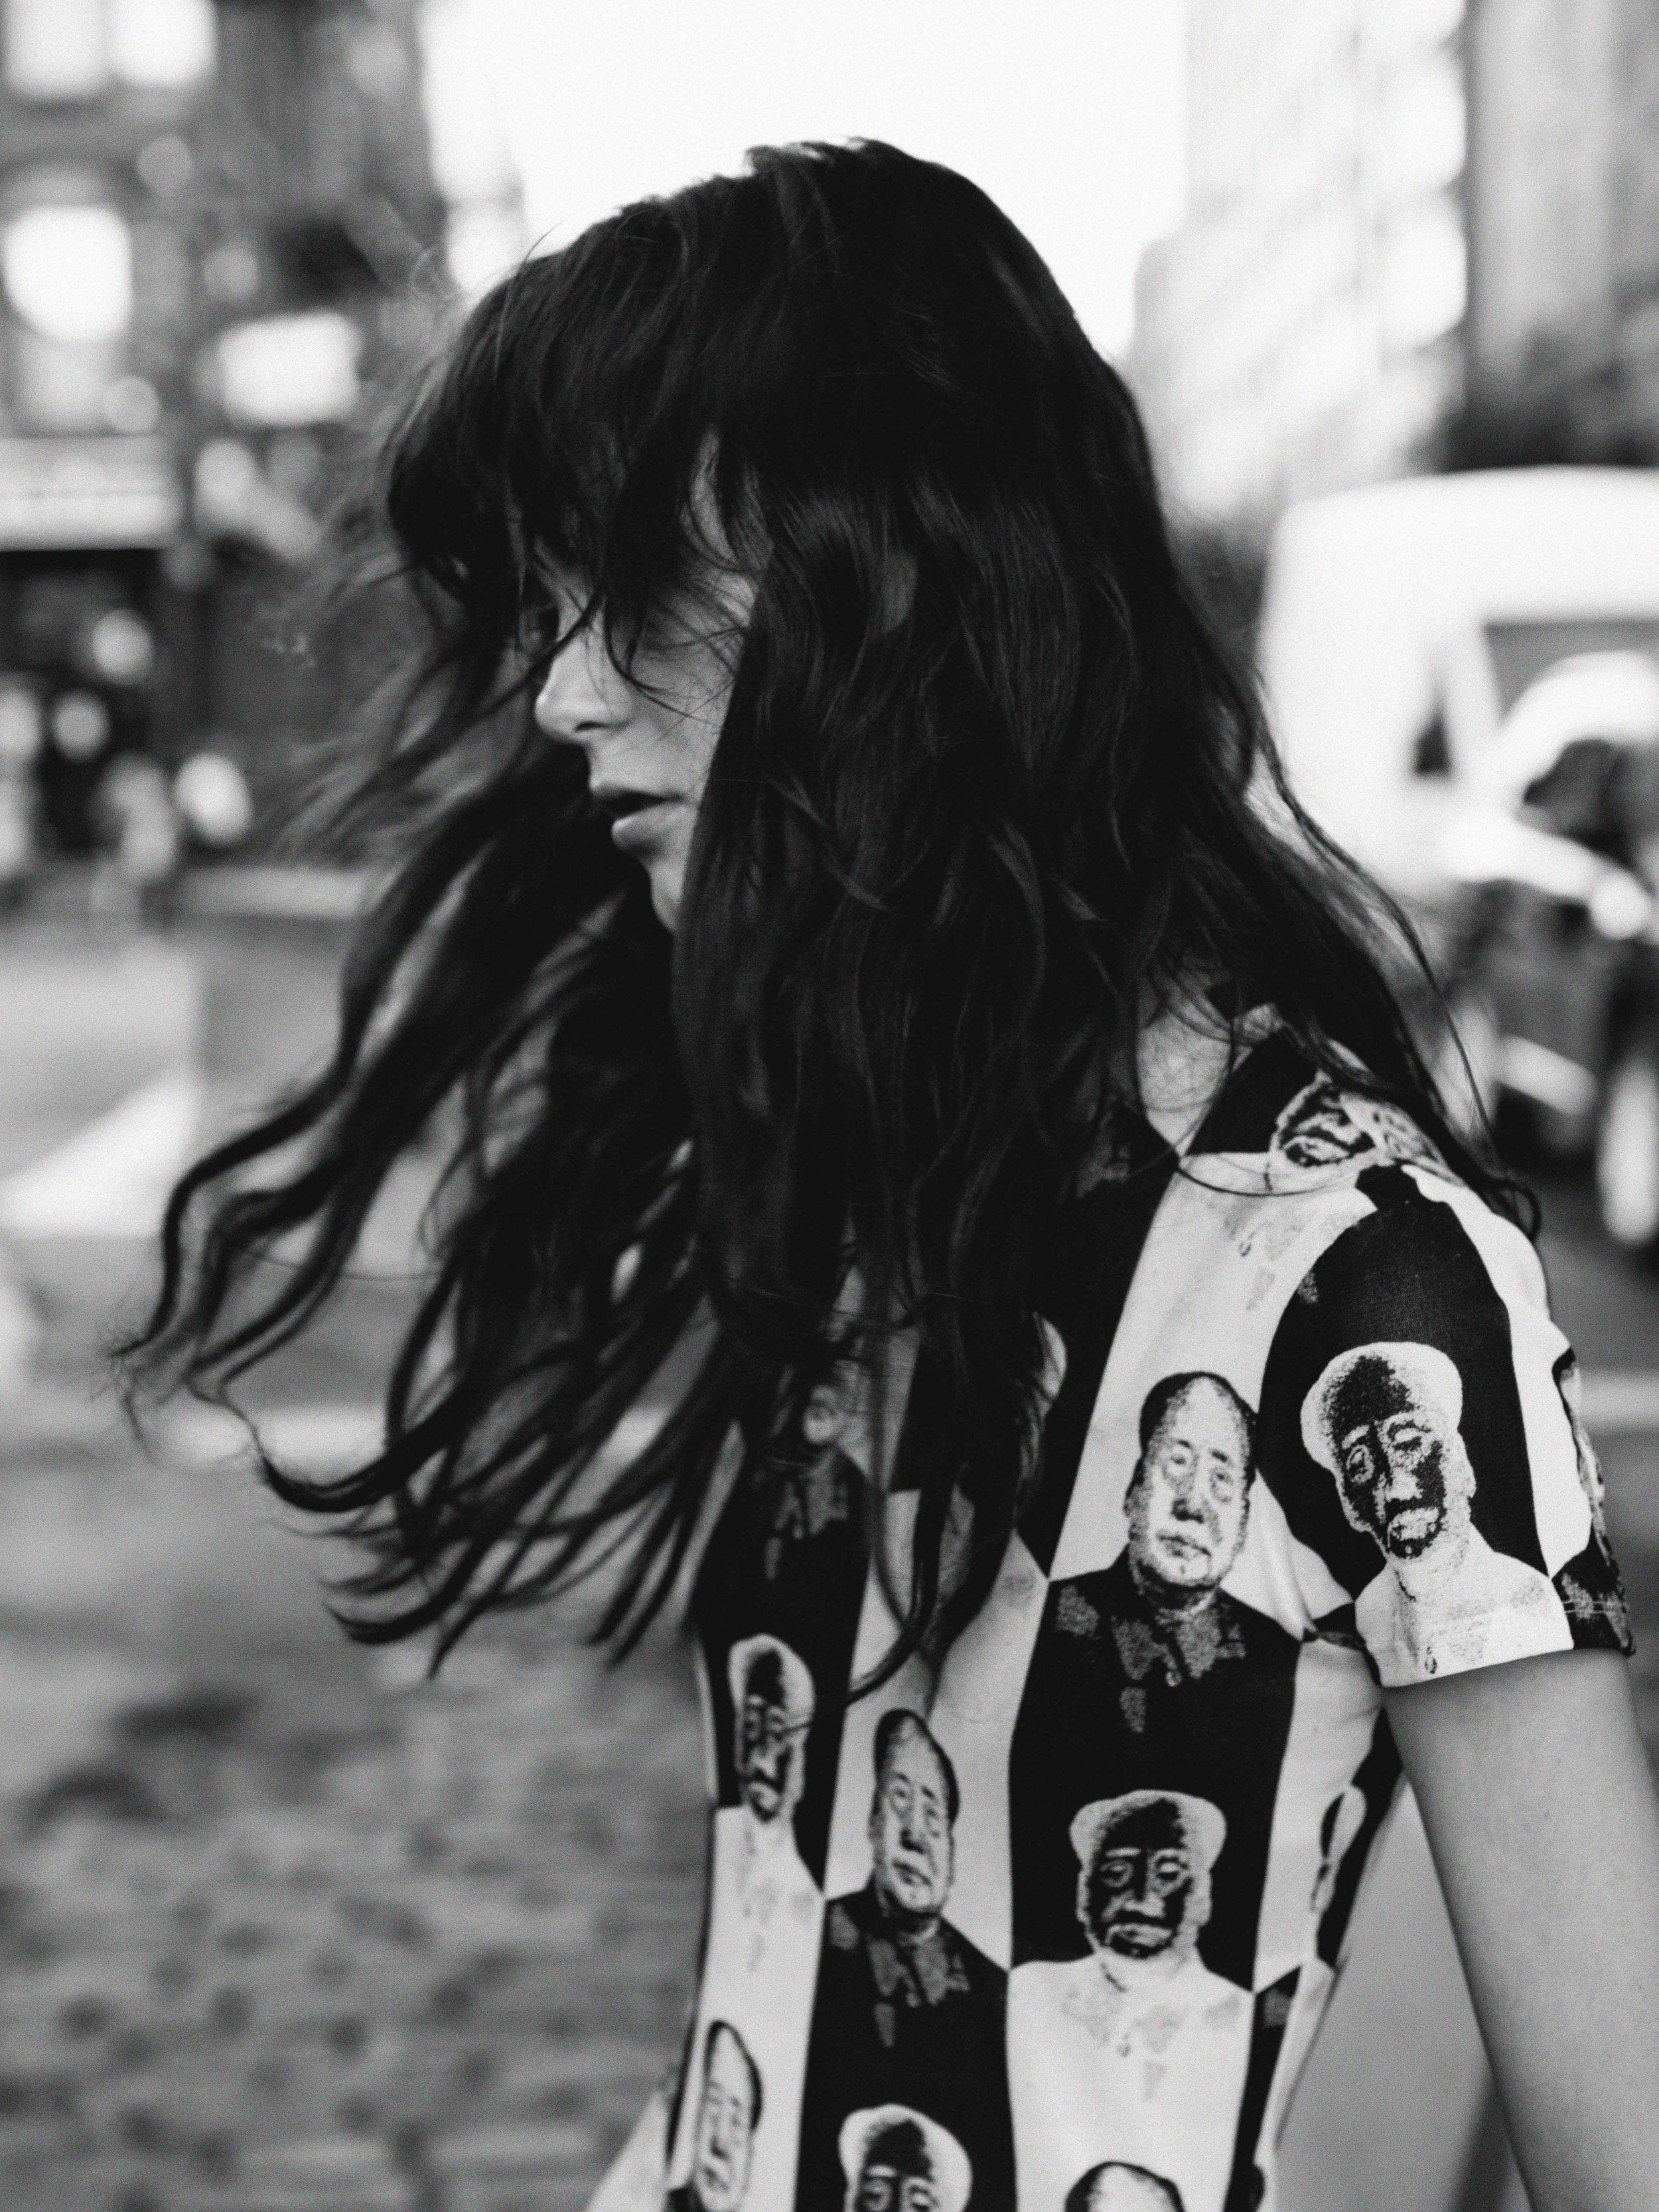 Irina_IMG_02.jpg